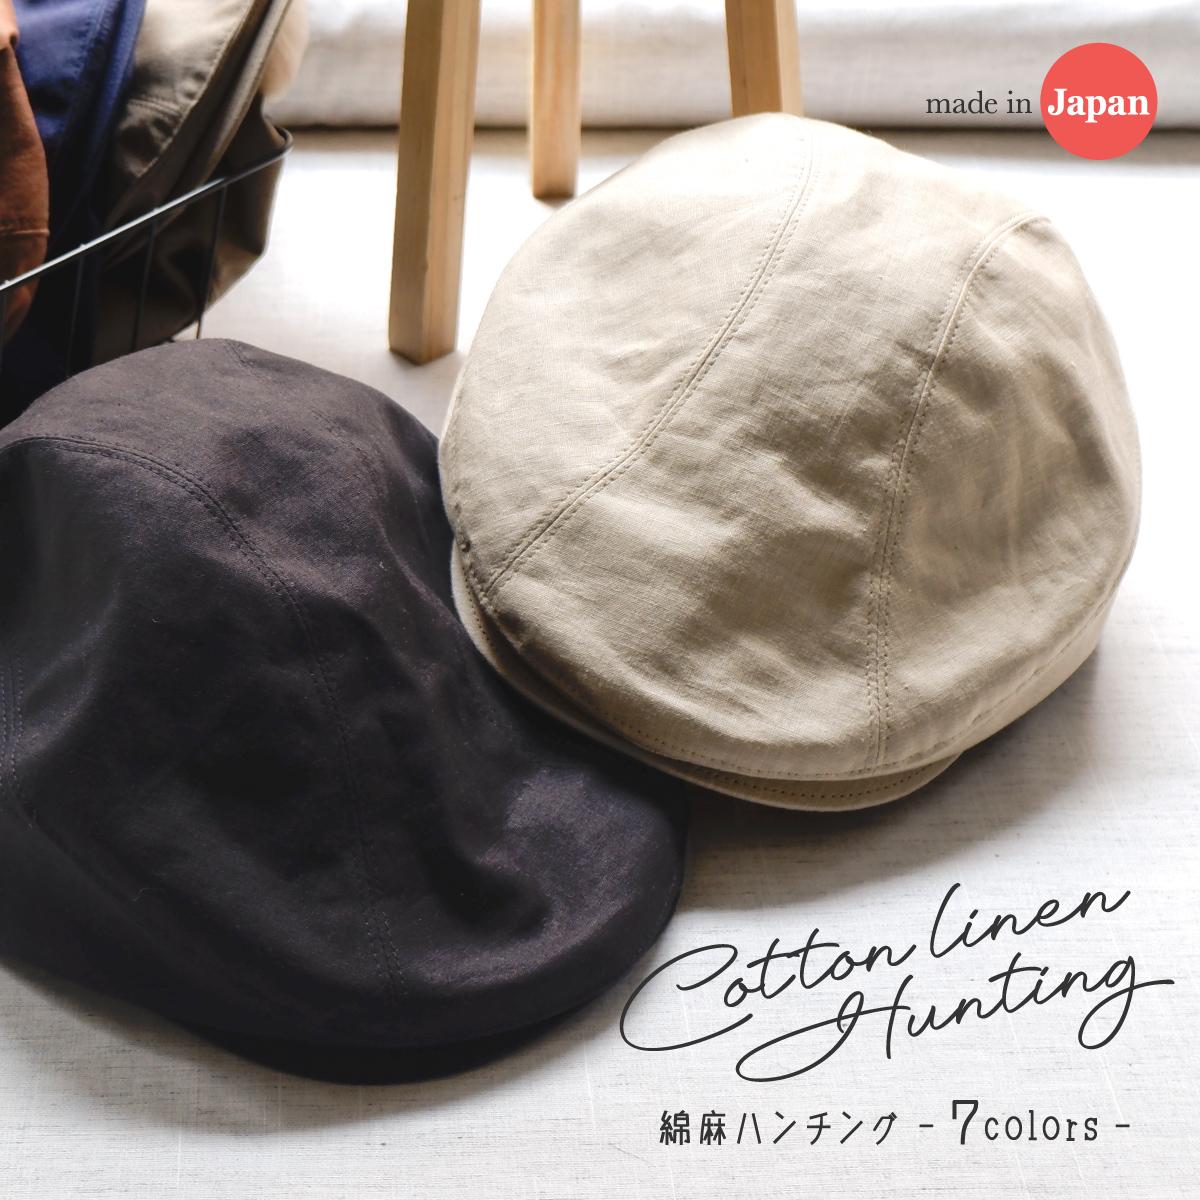 帽子 レディース メンズ ユニセックス 春夏 コットン 贈り物 リネン 父の日 プレゼント 日本製 買い物 シャリ感 綿麻ハンチング 母の日 ギフト